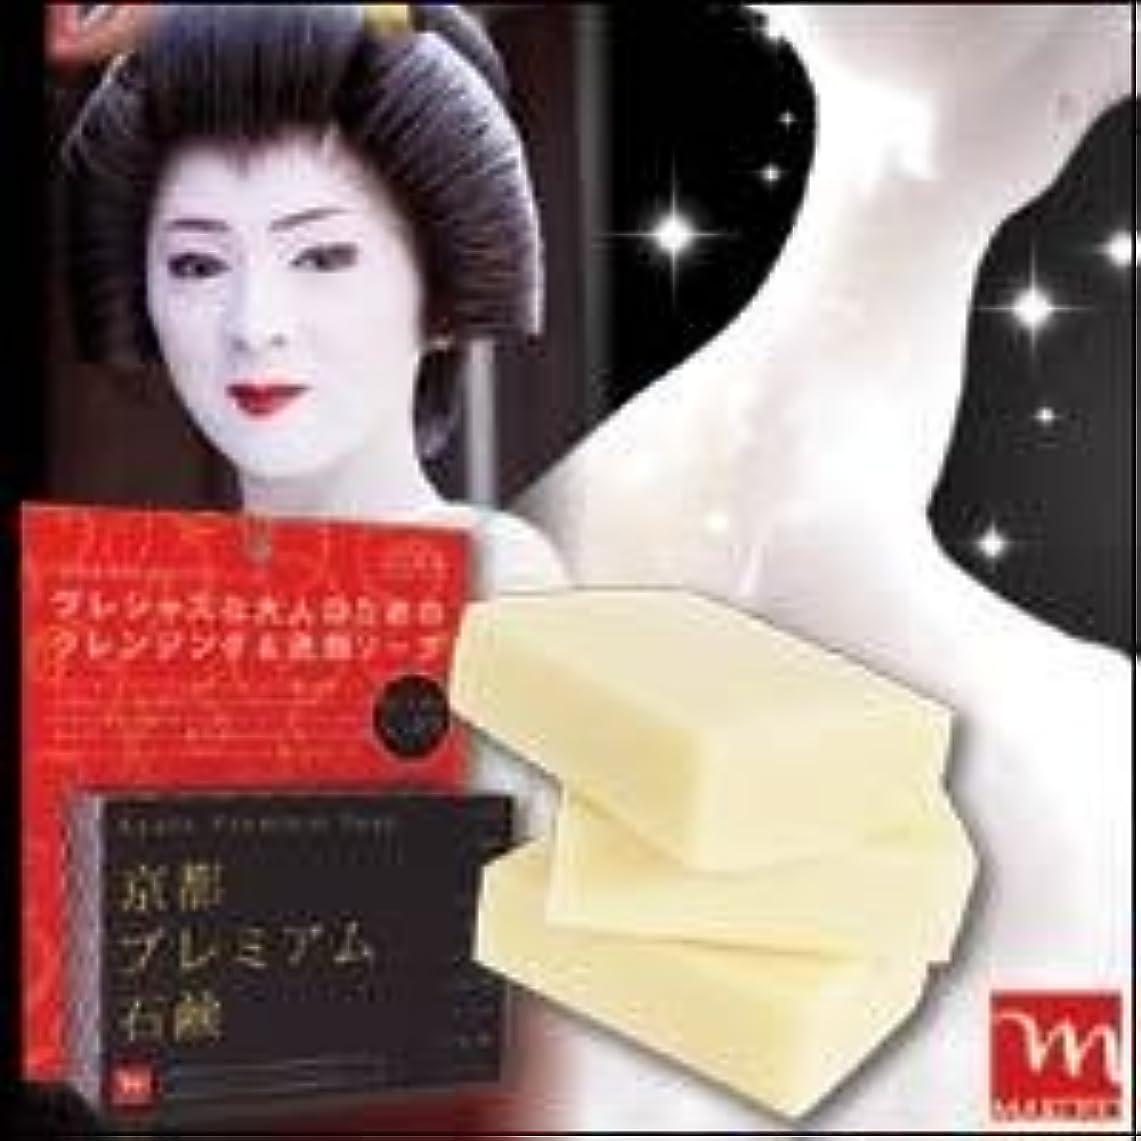 ペッカディロく海京都プレミアム石鹸 120g×3個セット